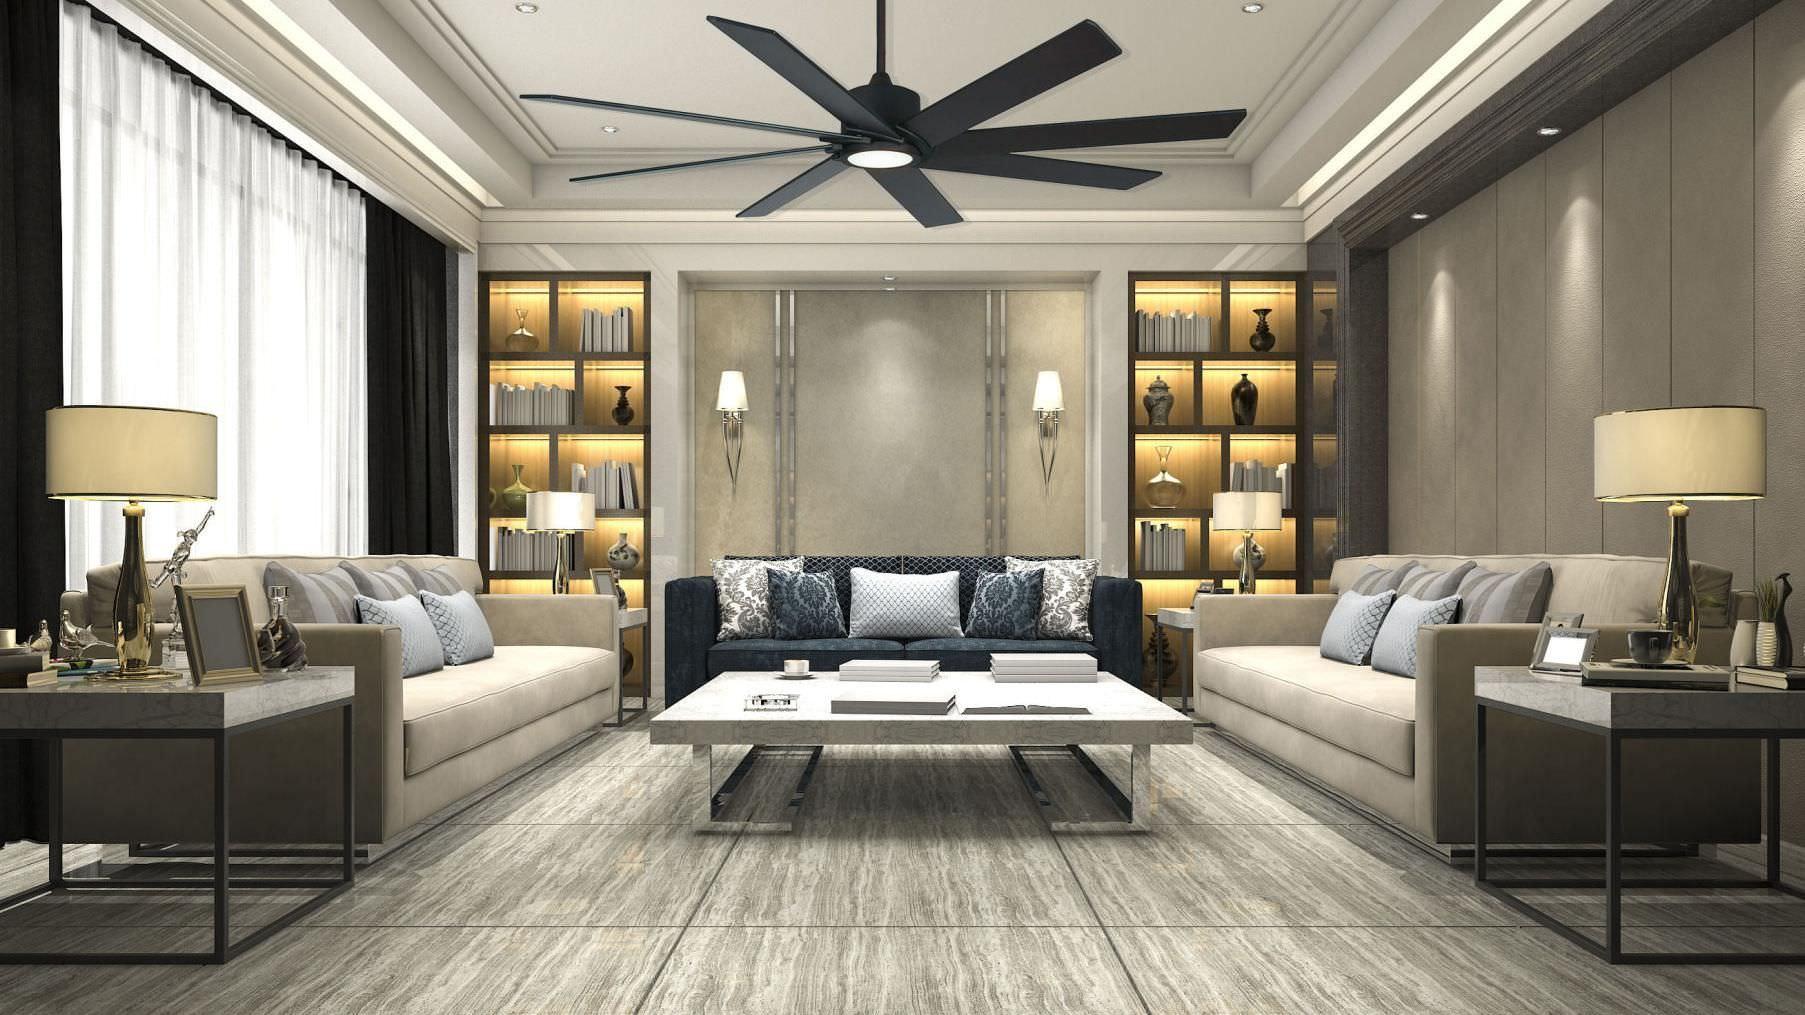 Cách bố trí phòng khách kiểu Nhật cho nhà chung cư lớn